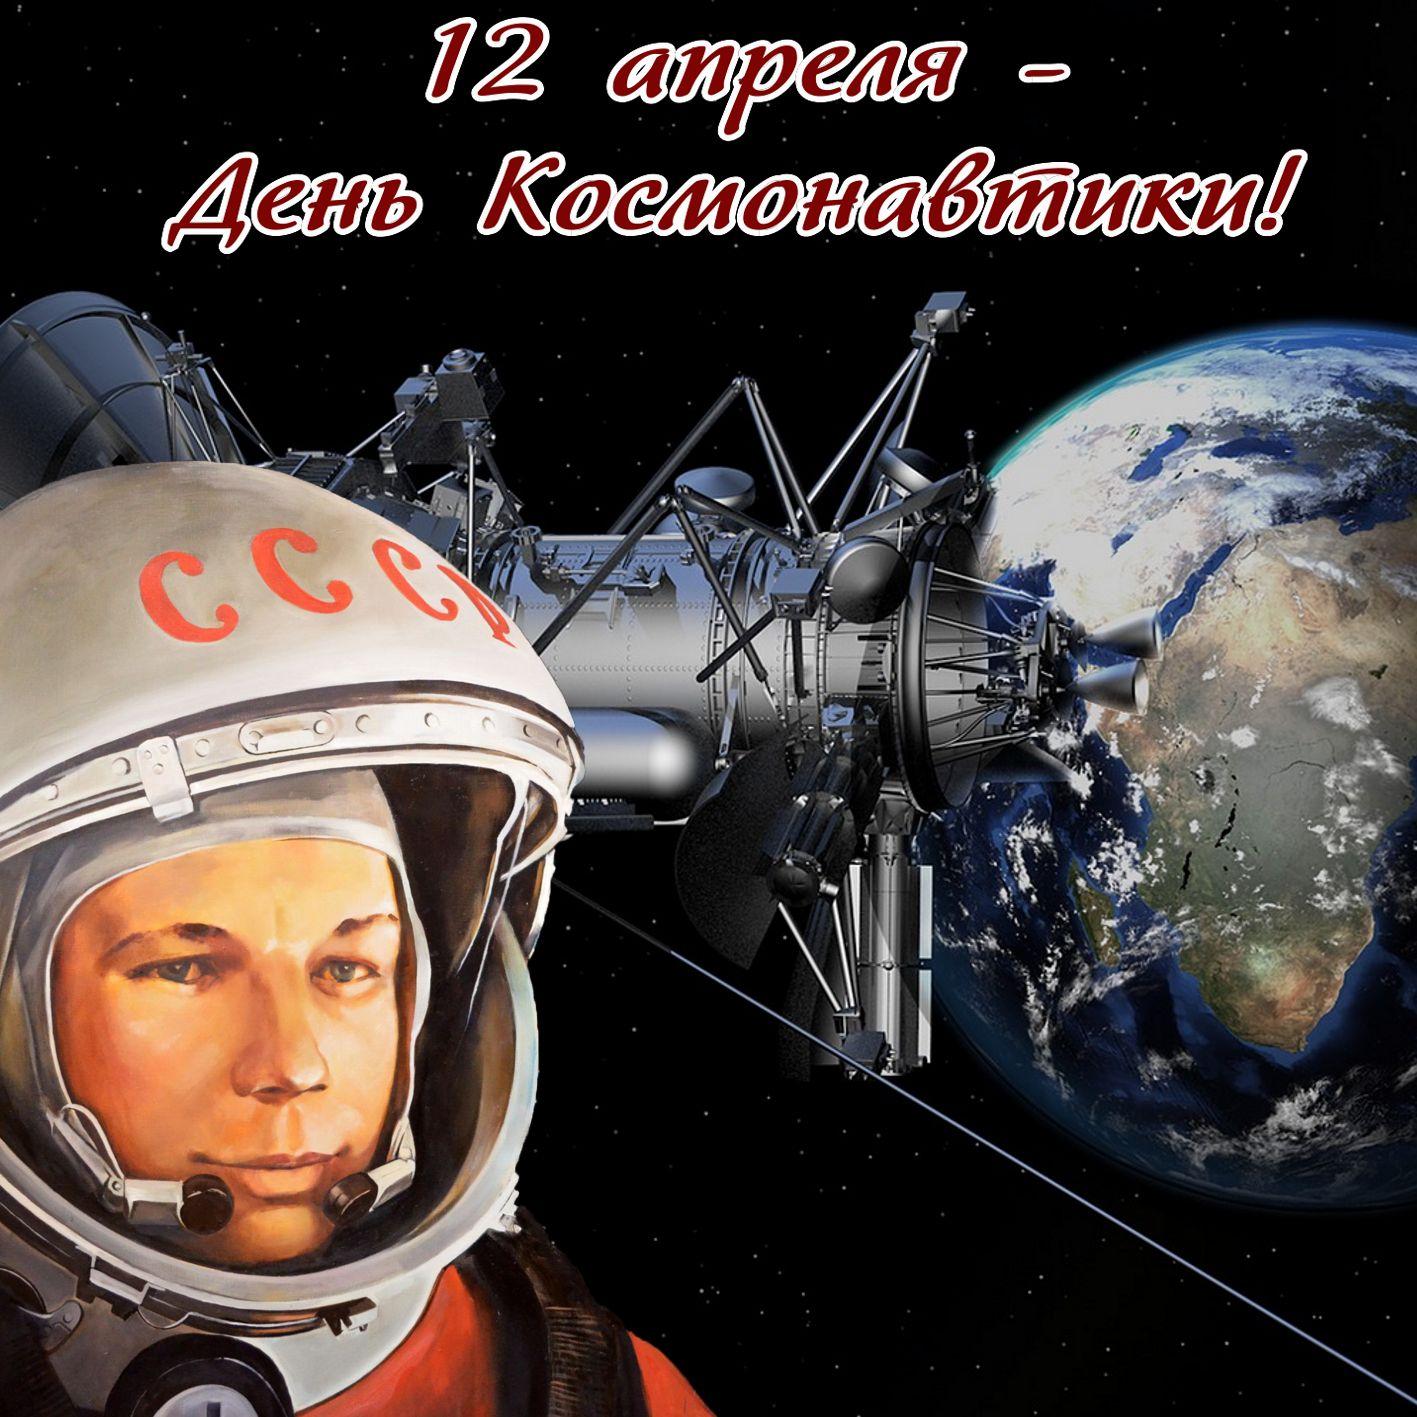 день космонавтики вертикальные картинки рецепт приготовления бисквита